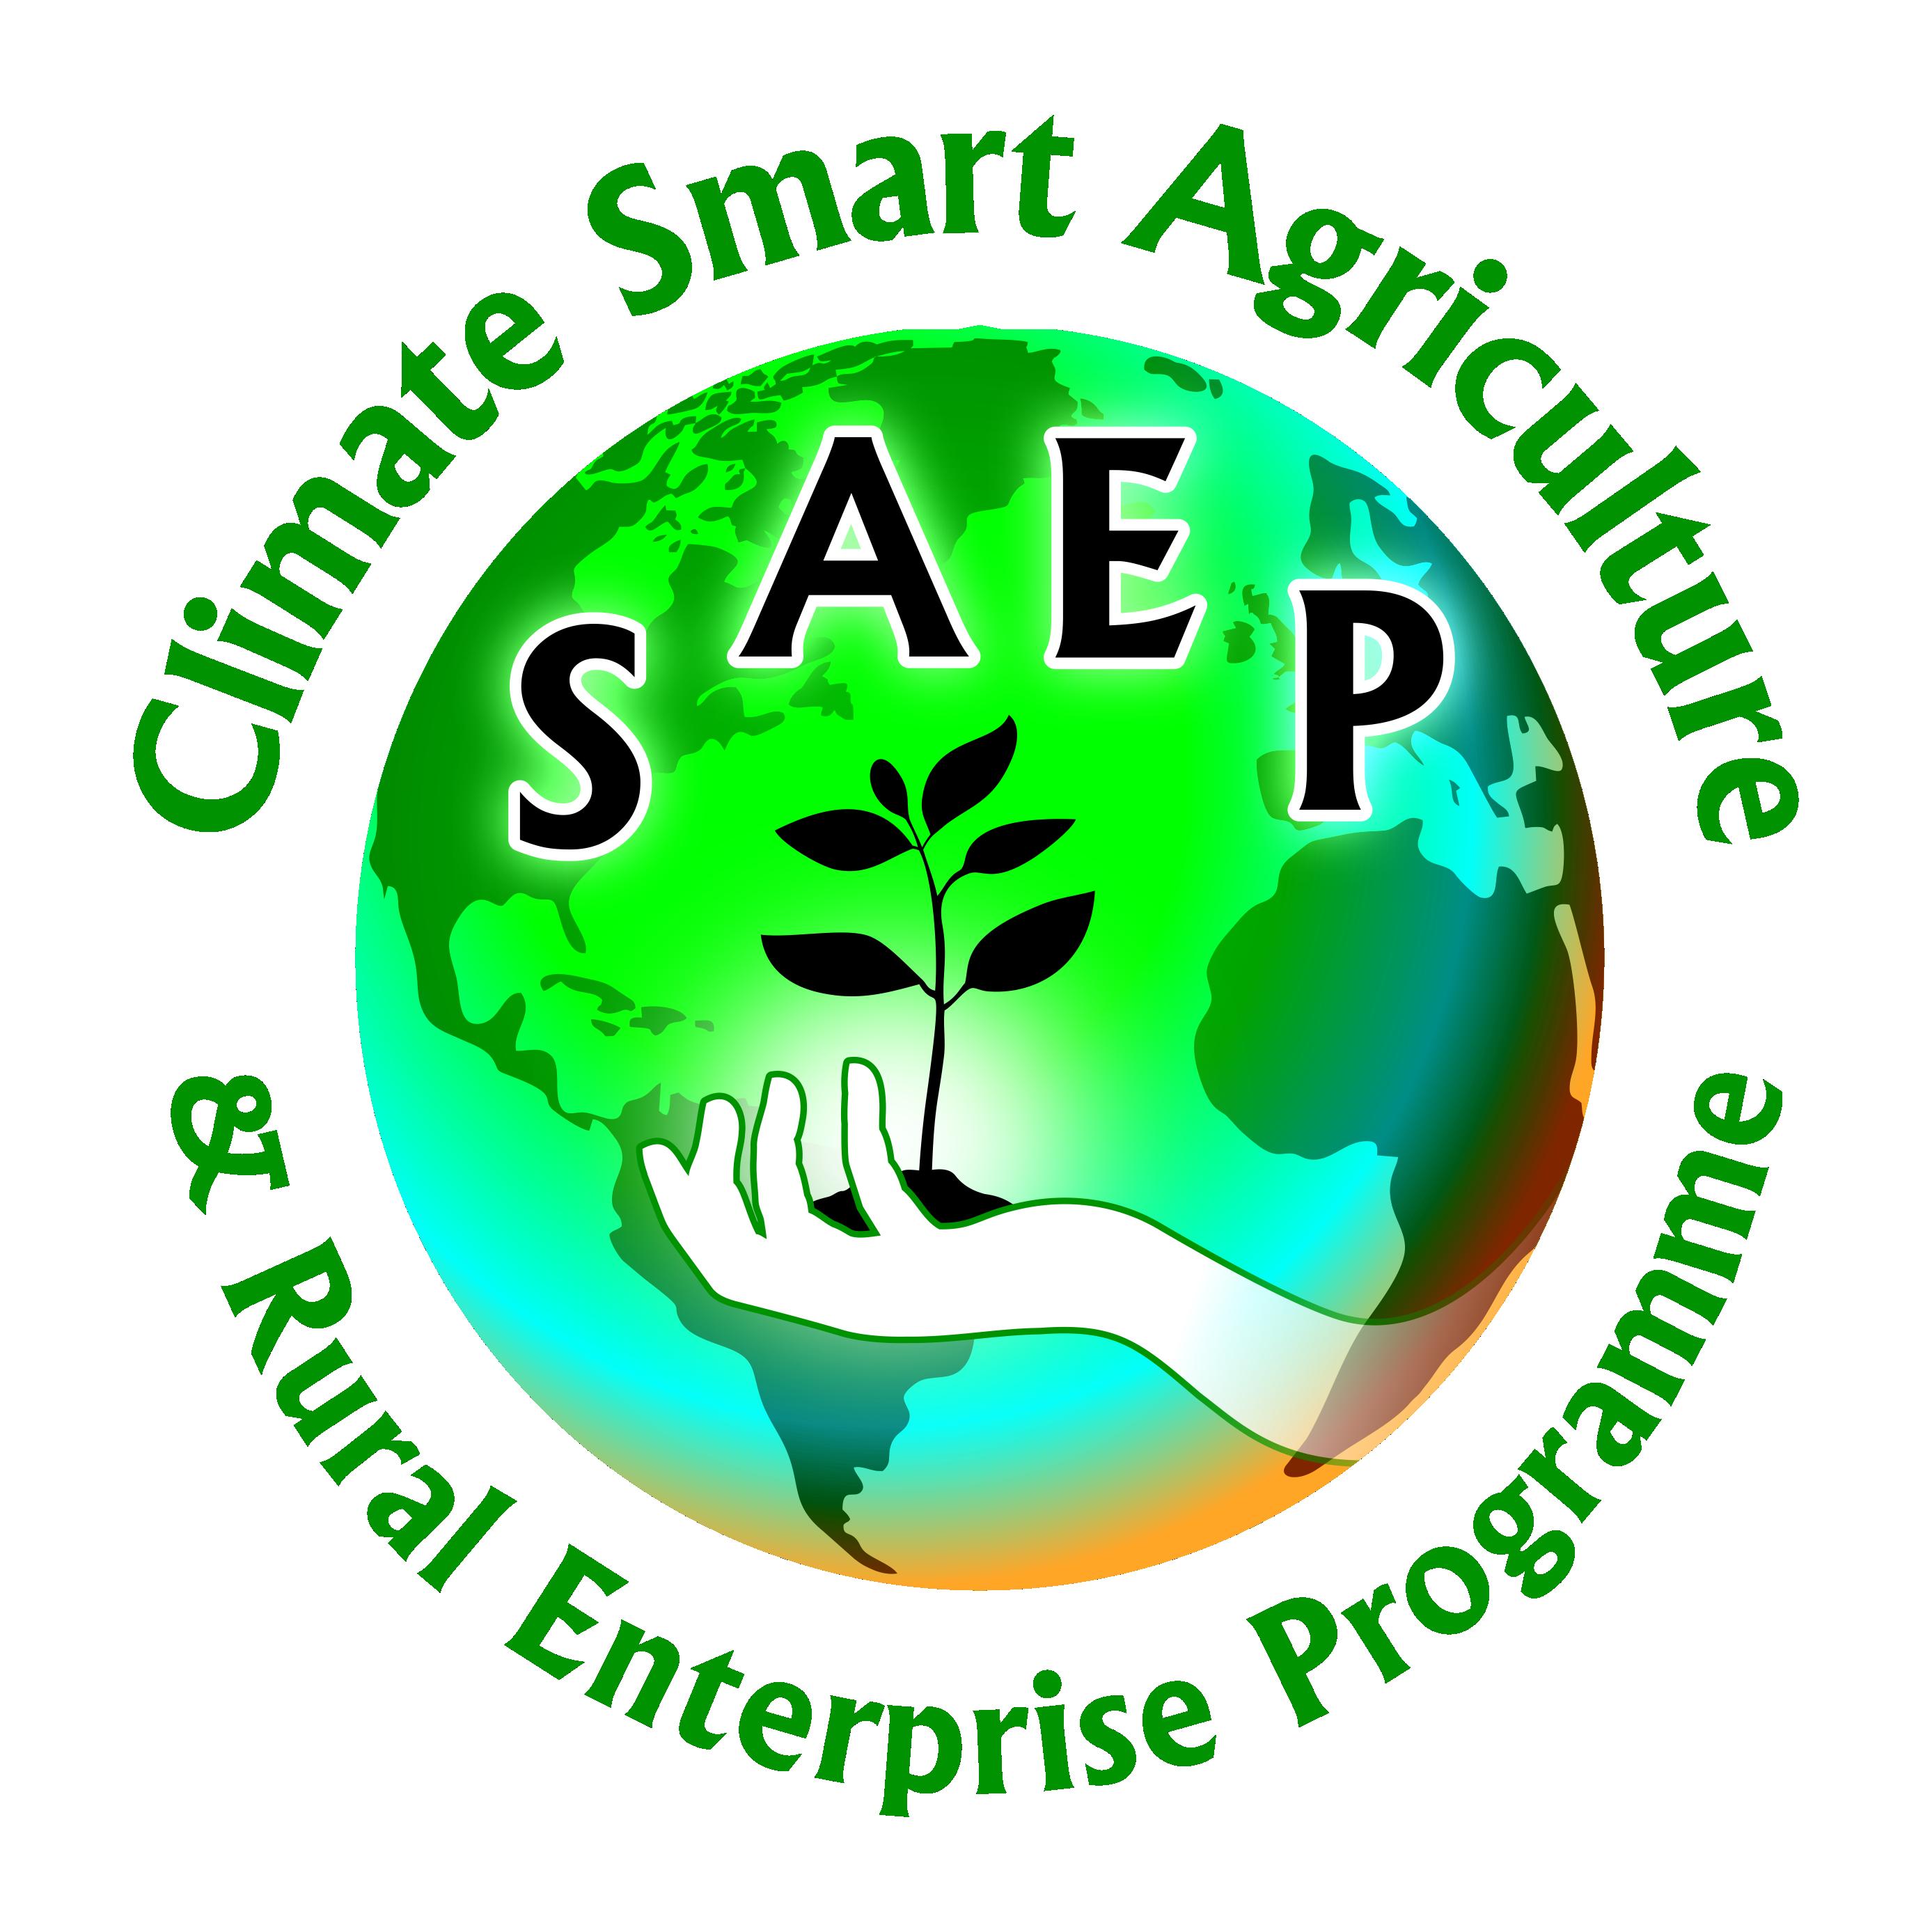 SAEP (Logo re)